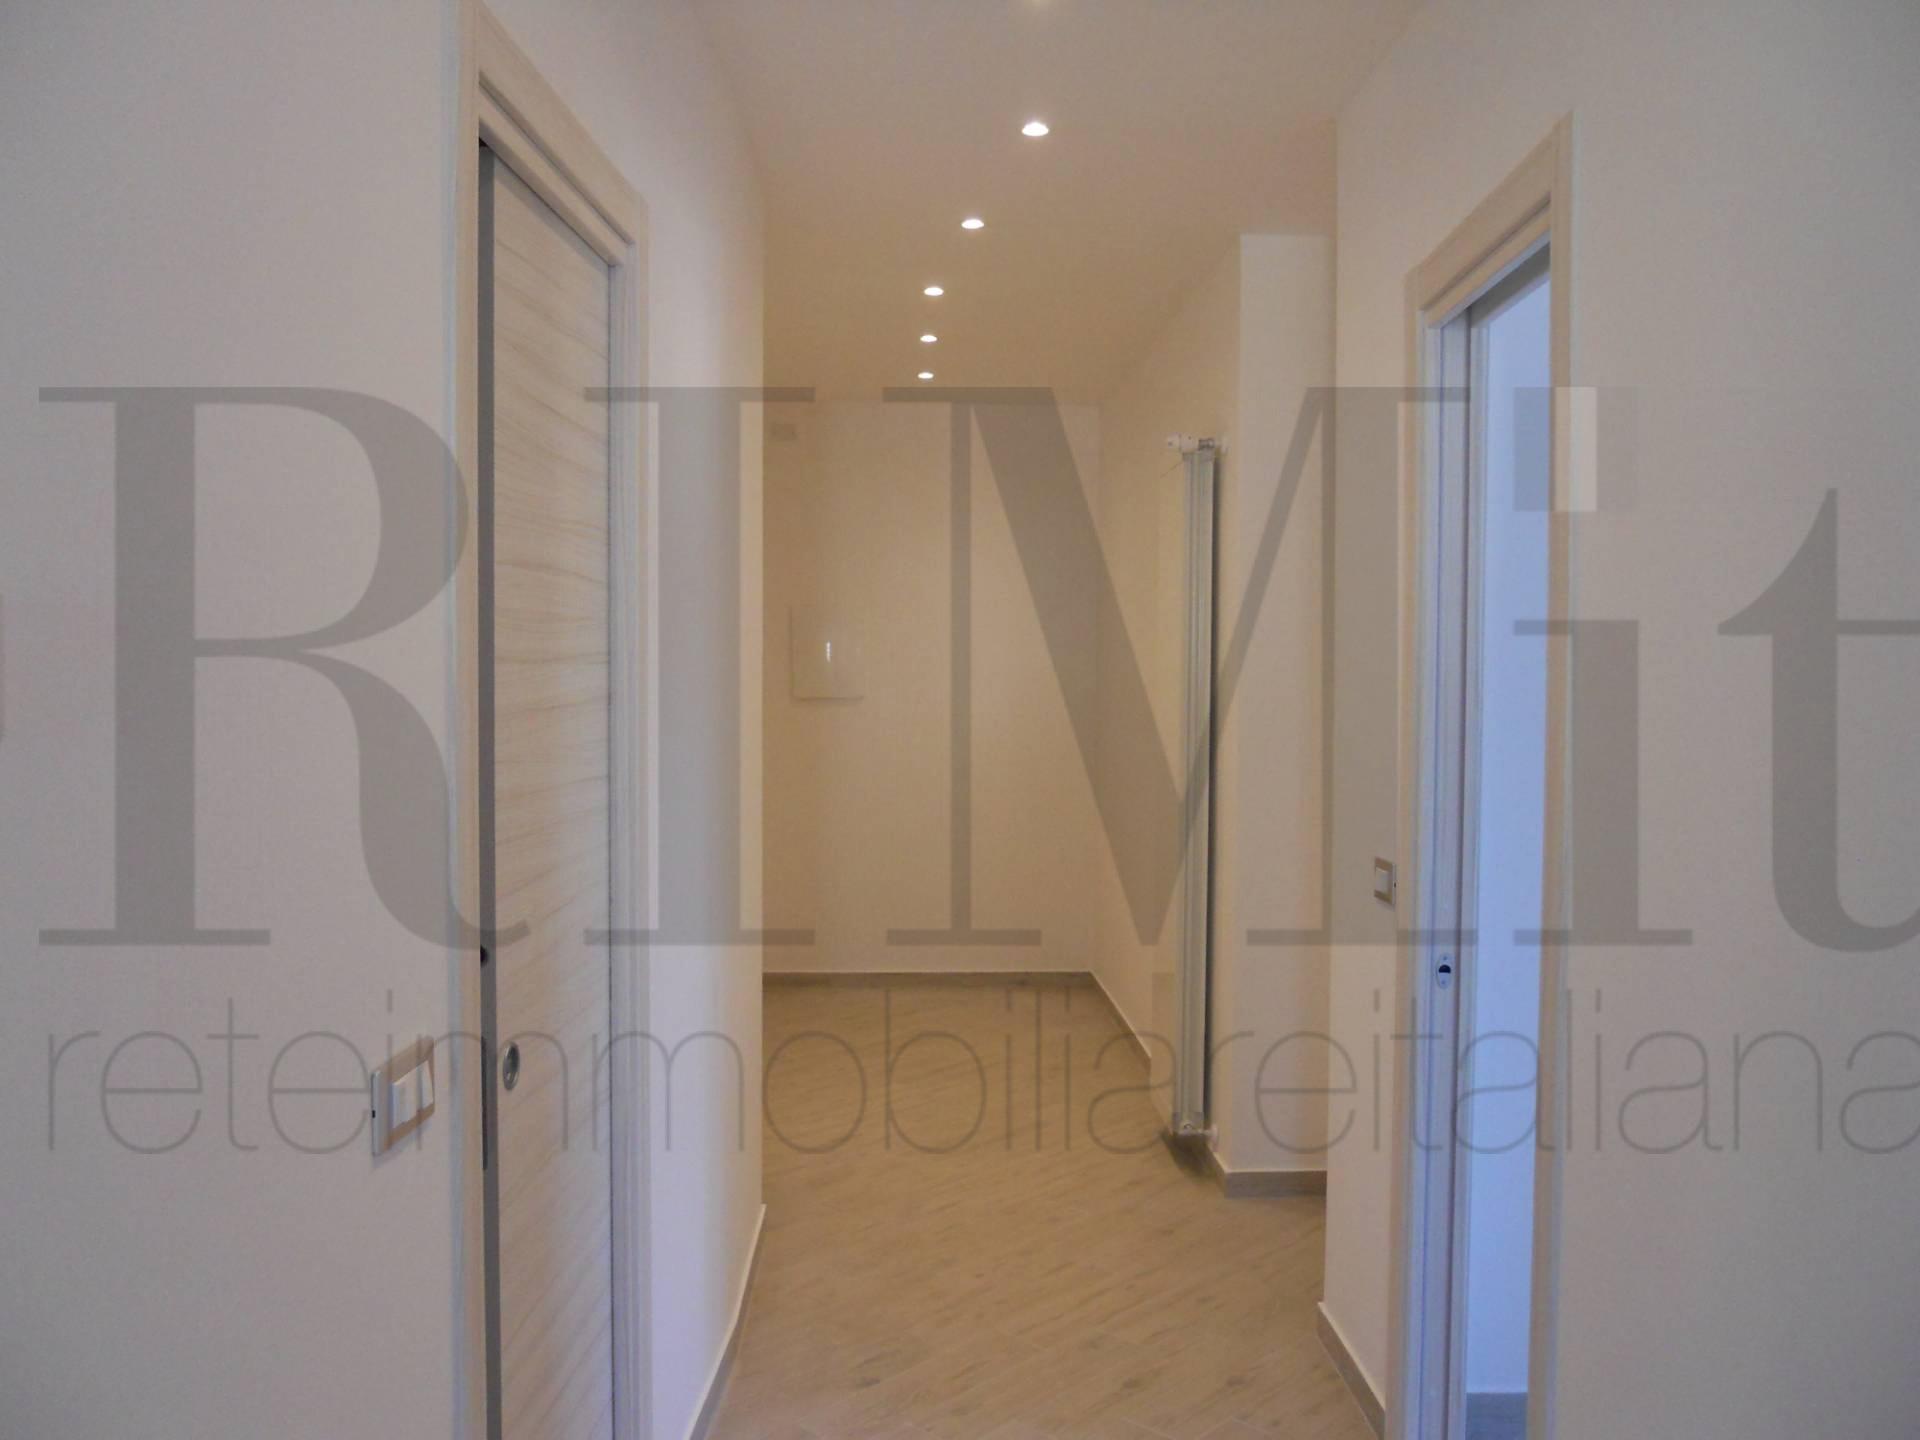 Appartamento in vendita a Loano, 3 locali, prezzo € 380.000 | CambioCasa.it